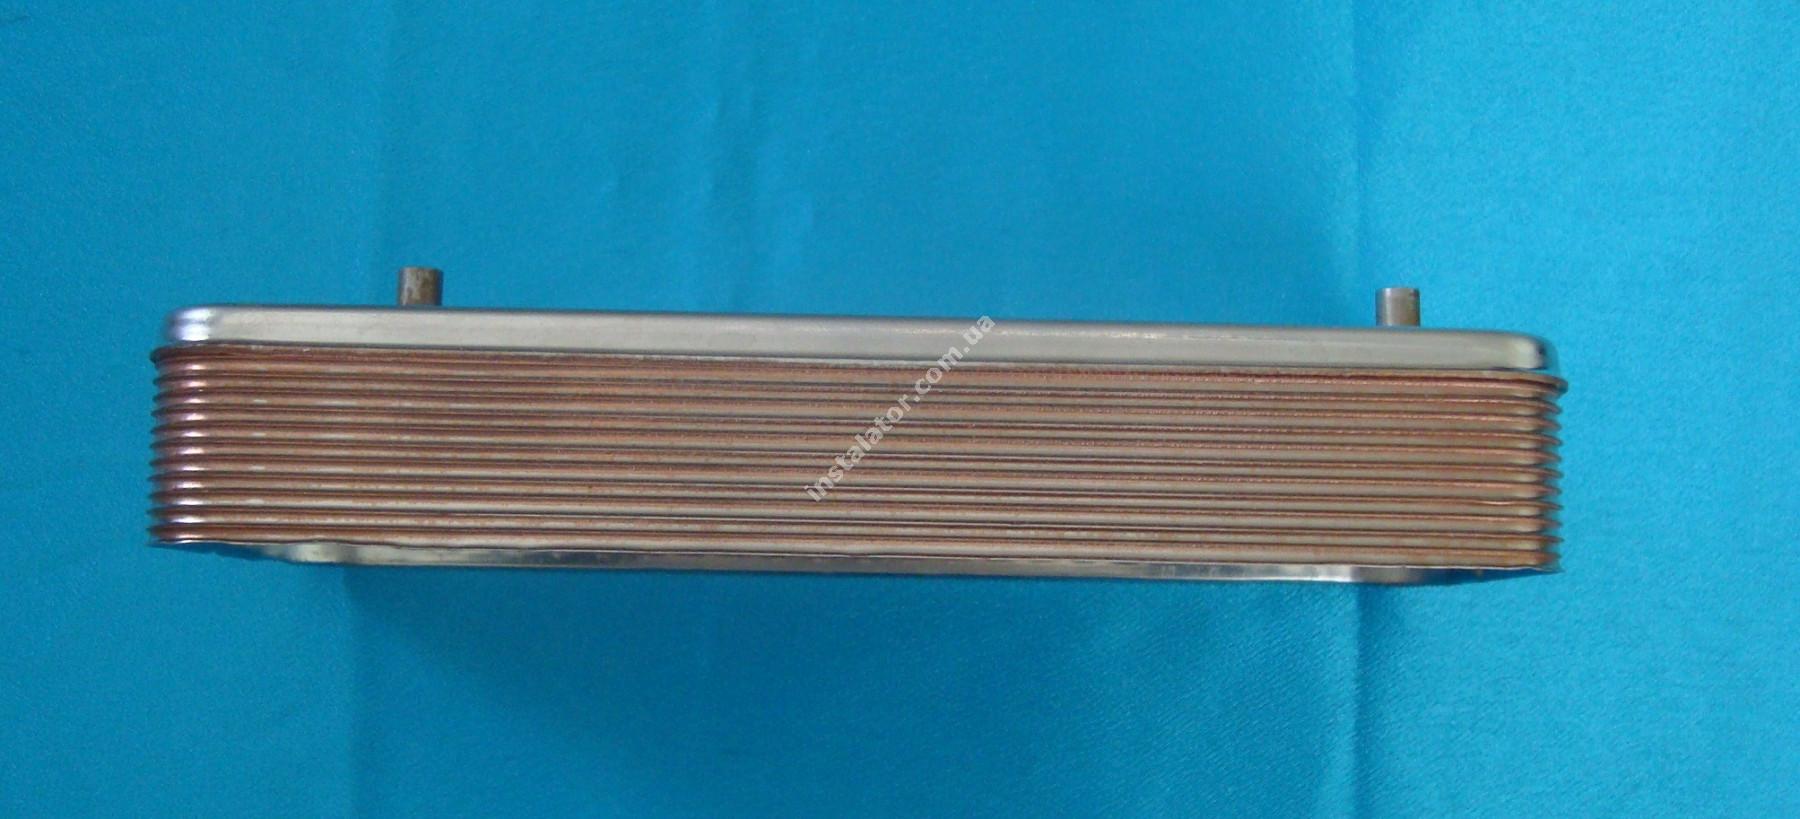 17B2071200 Теплообмінник вторинний ГВП 12 пластин BAXI, ZILMET full-image-2